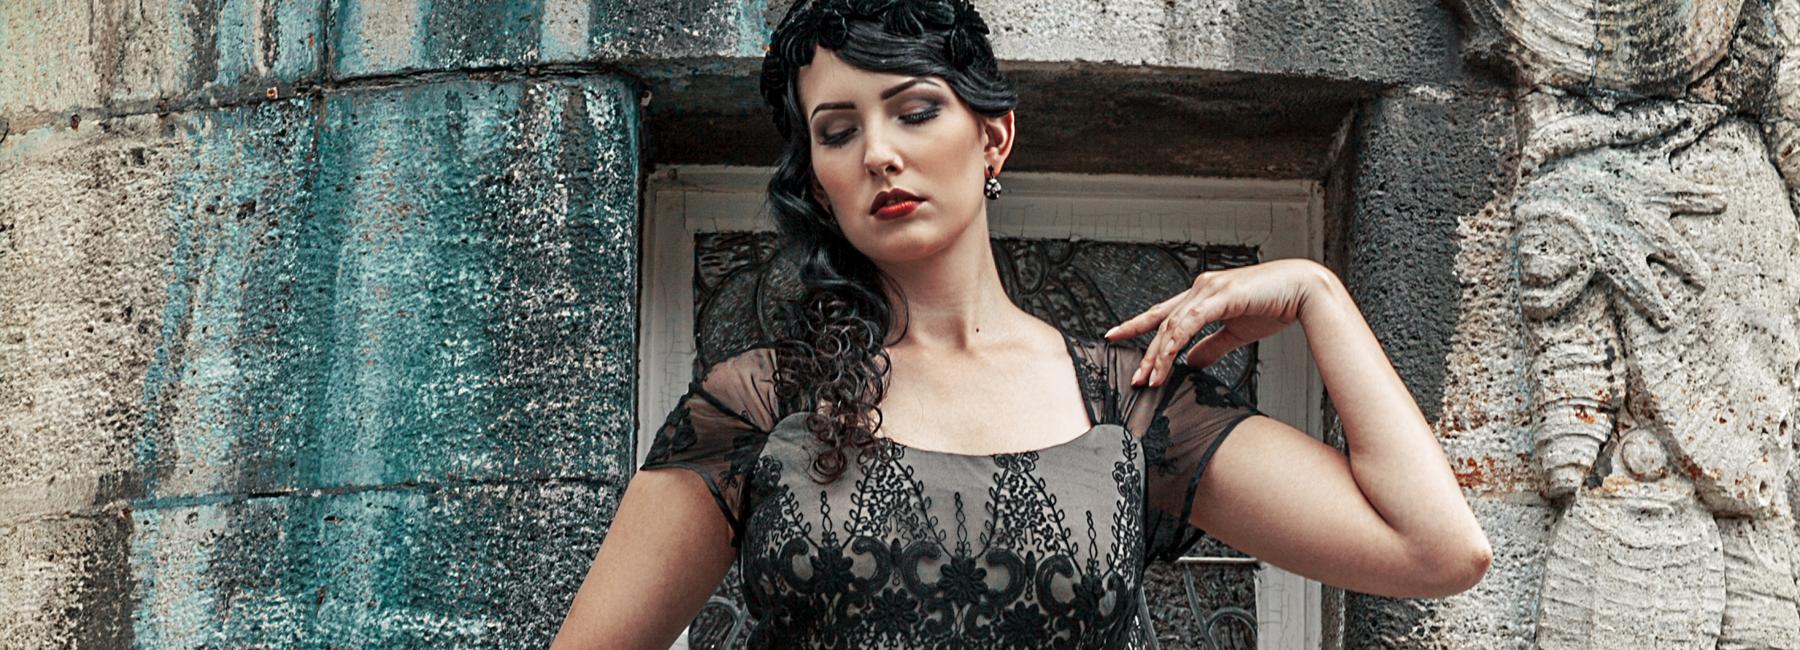 Jetzt wird's glamourös! In einem bodenlangen Vintage-Abendkleid sind Ihnen bewundernde Blicke gewiss. Vor allem die 1920er- und 1930er-Jahre sind berühmt für ihre eleganten, mit Spitze und Perlen besetzten Abendkleider.